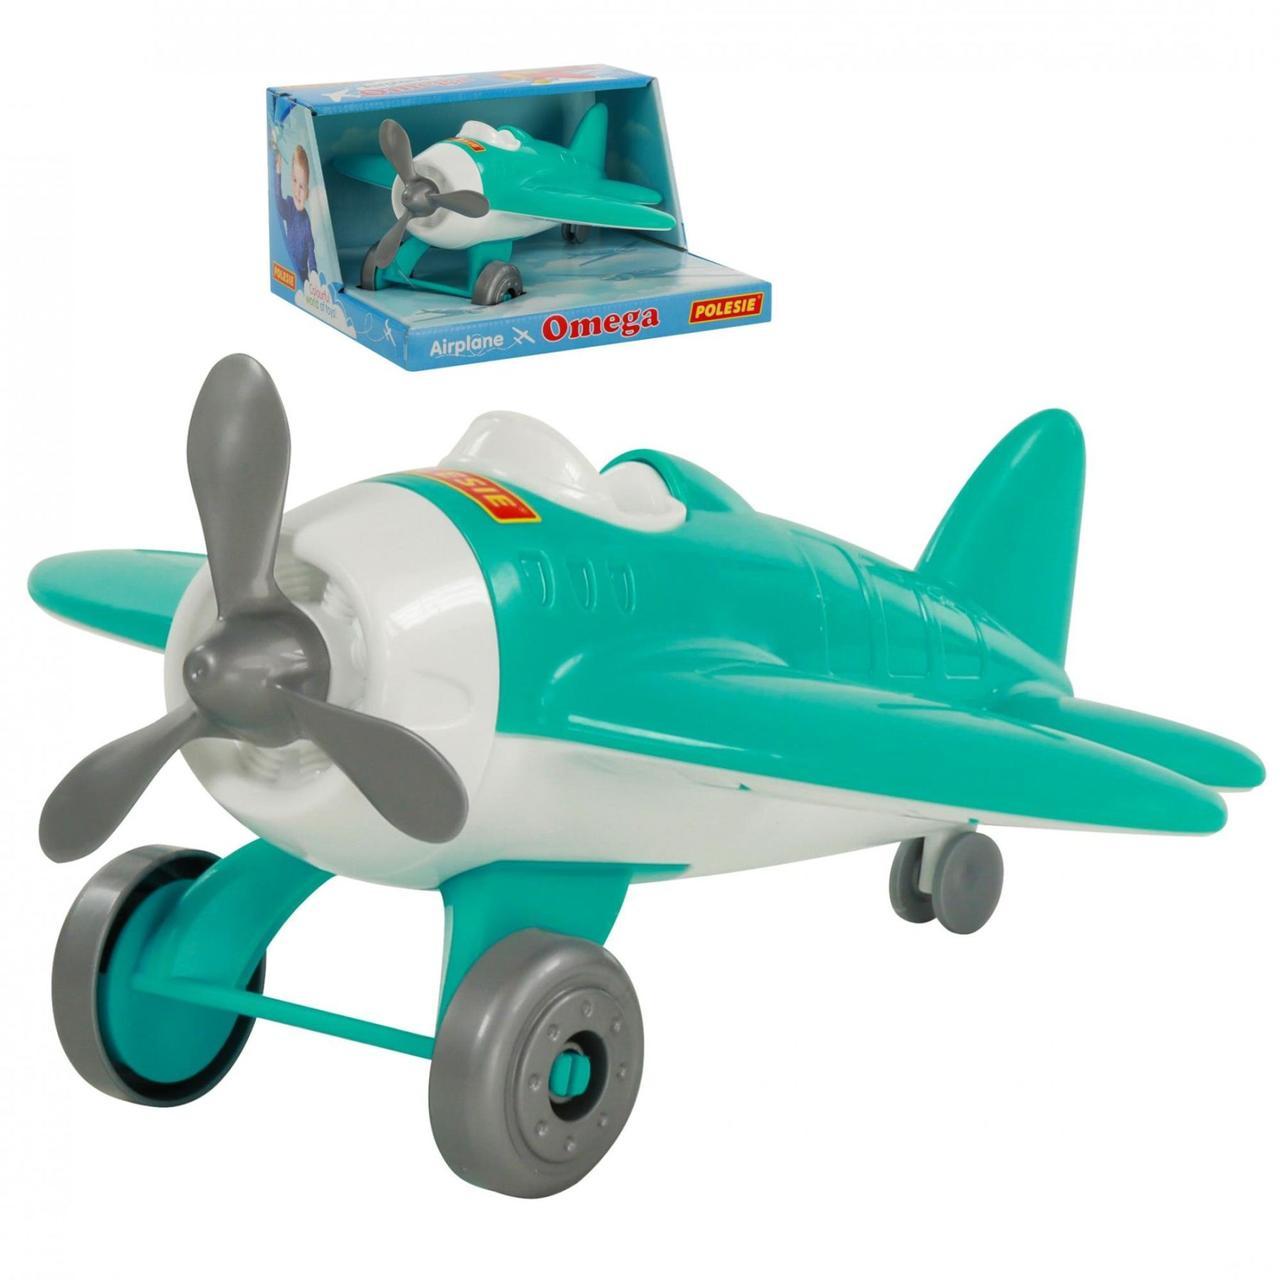 """Игрушка Polesie самолёт """"Омега"""" (в коробке) бирюзовый (70272-1)"""